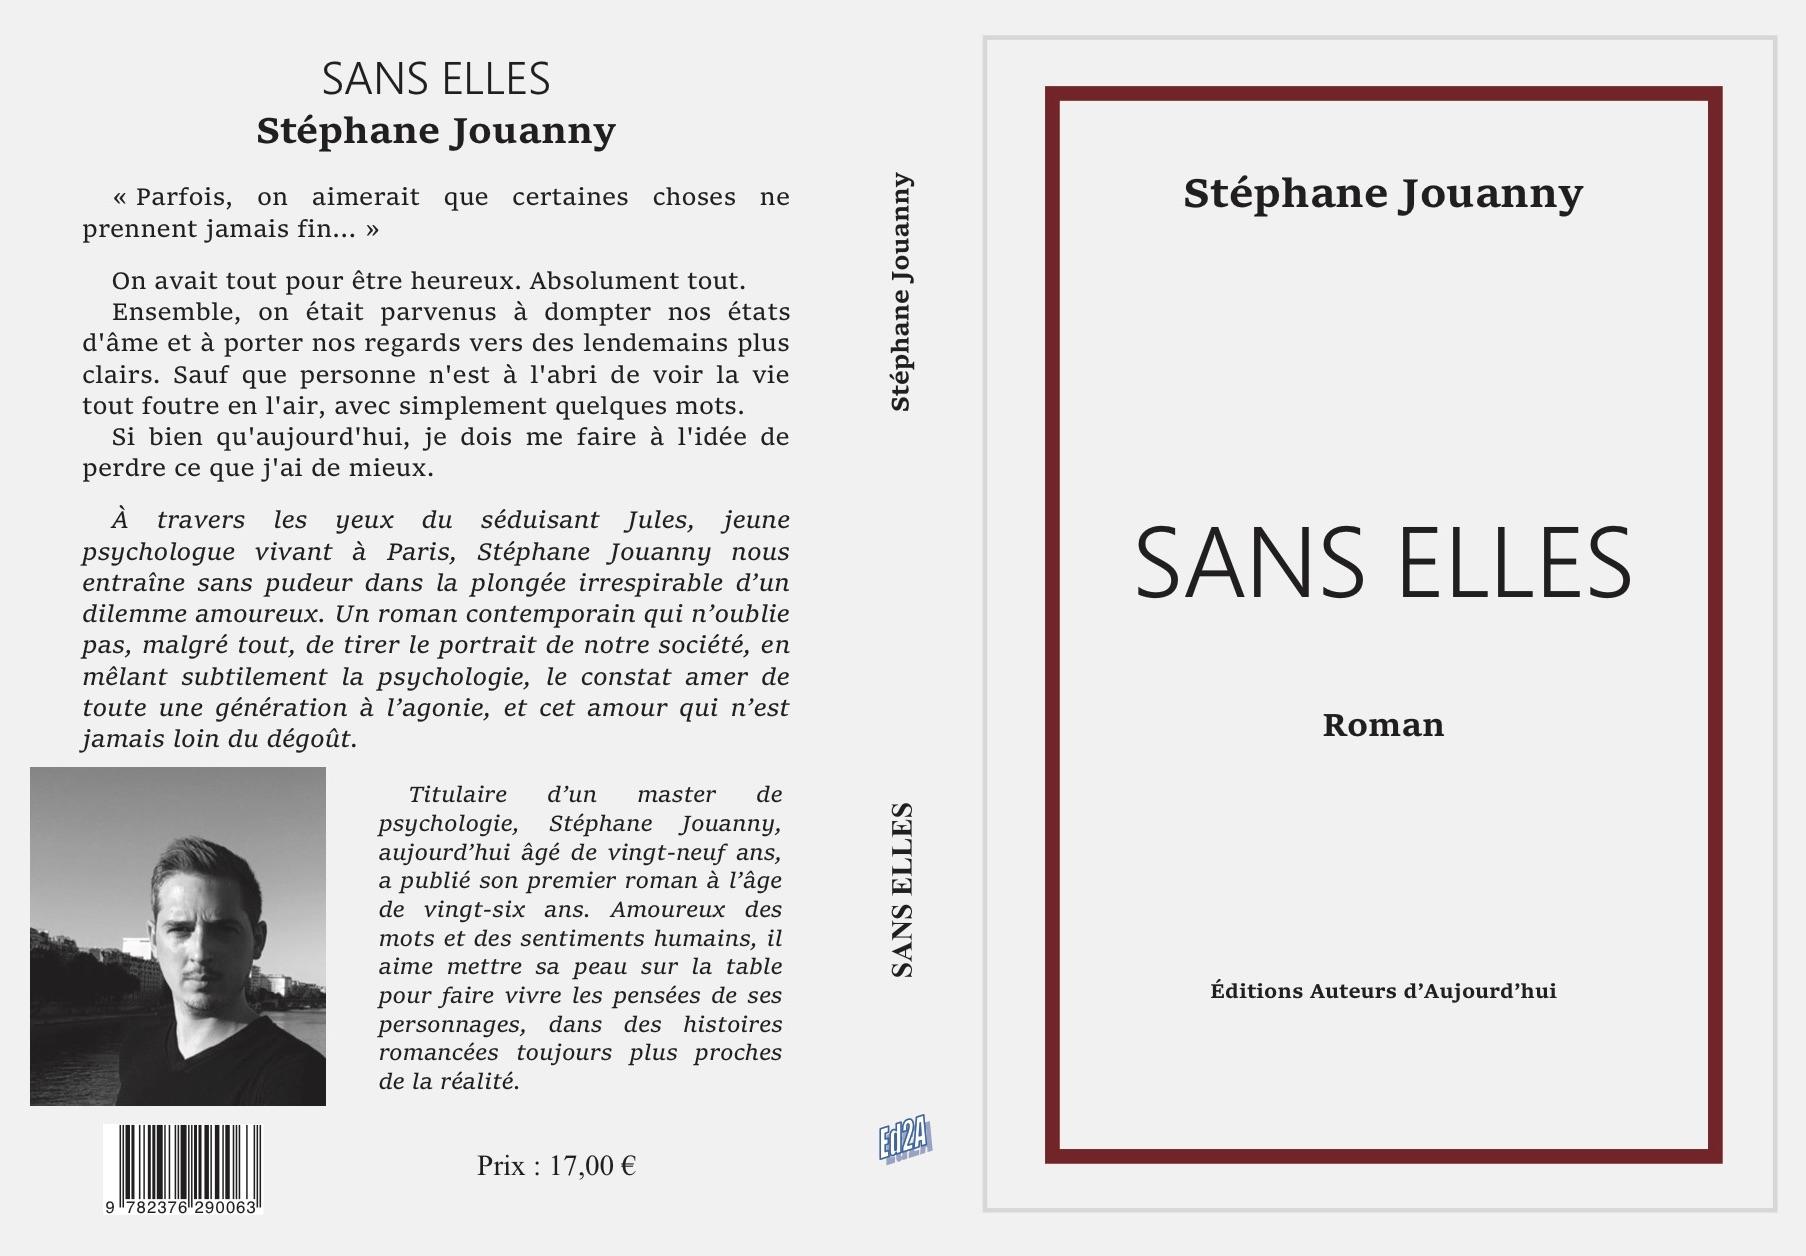 Sans elles Stéphane Jouanny image première et quatrième de couverture